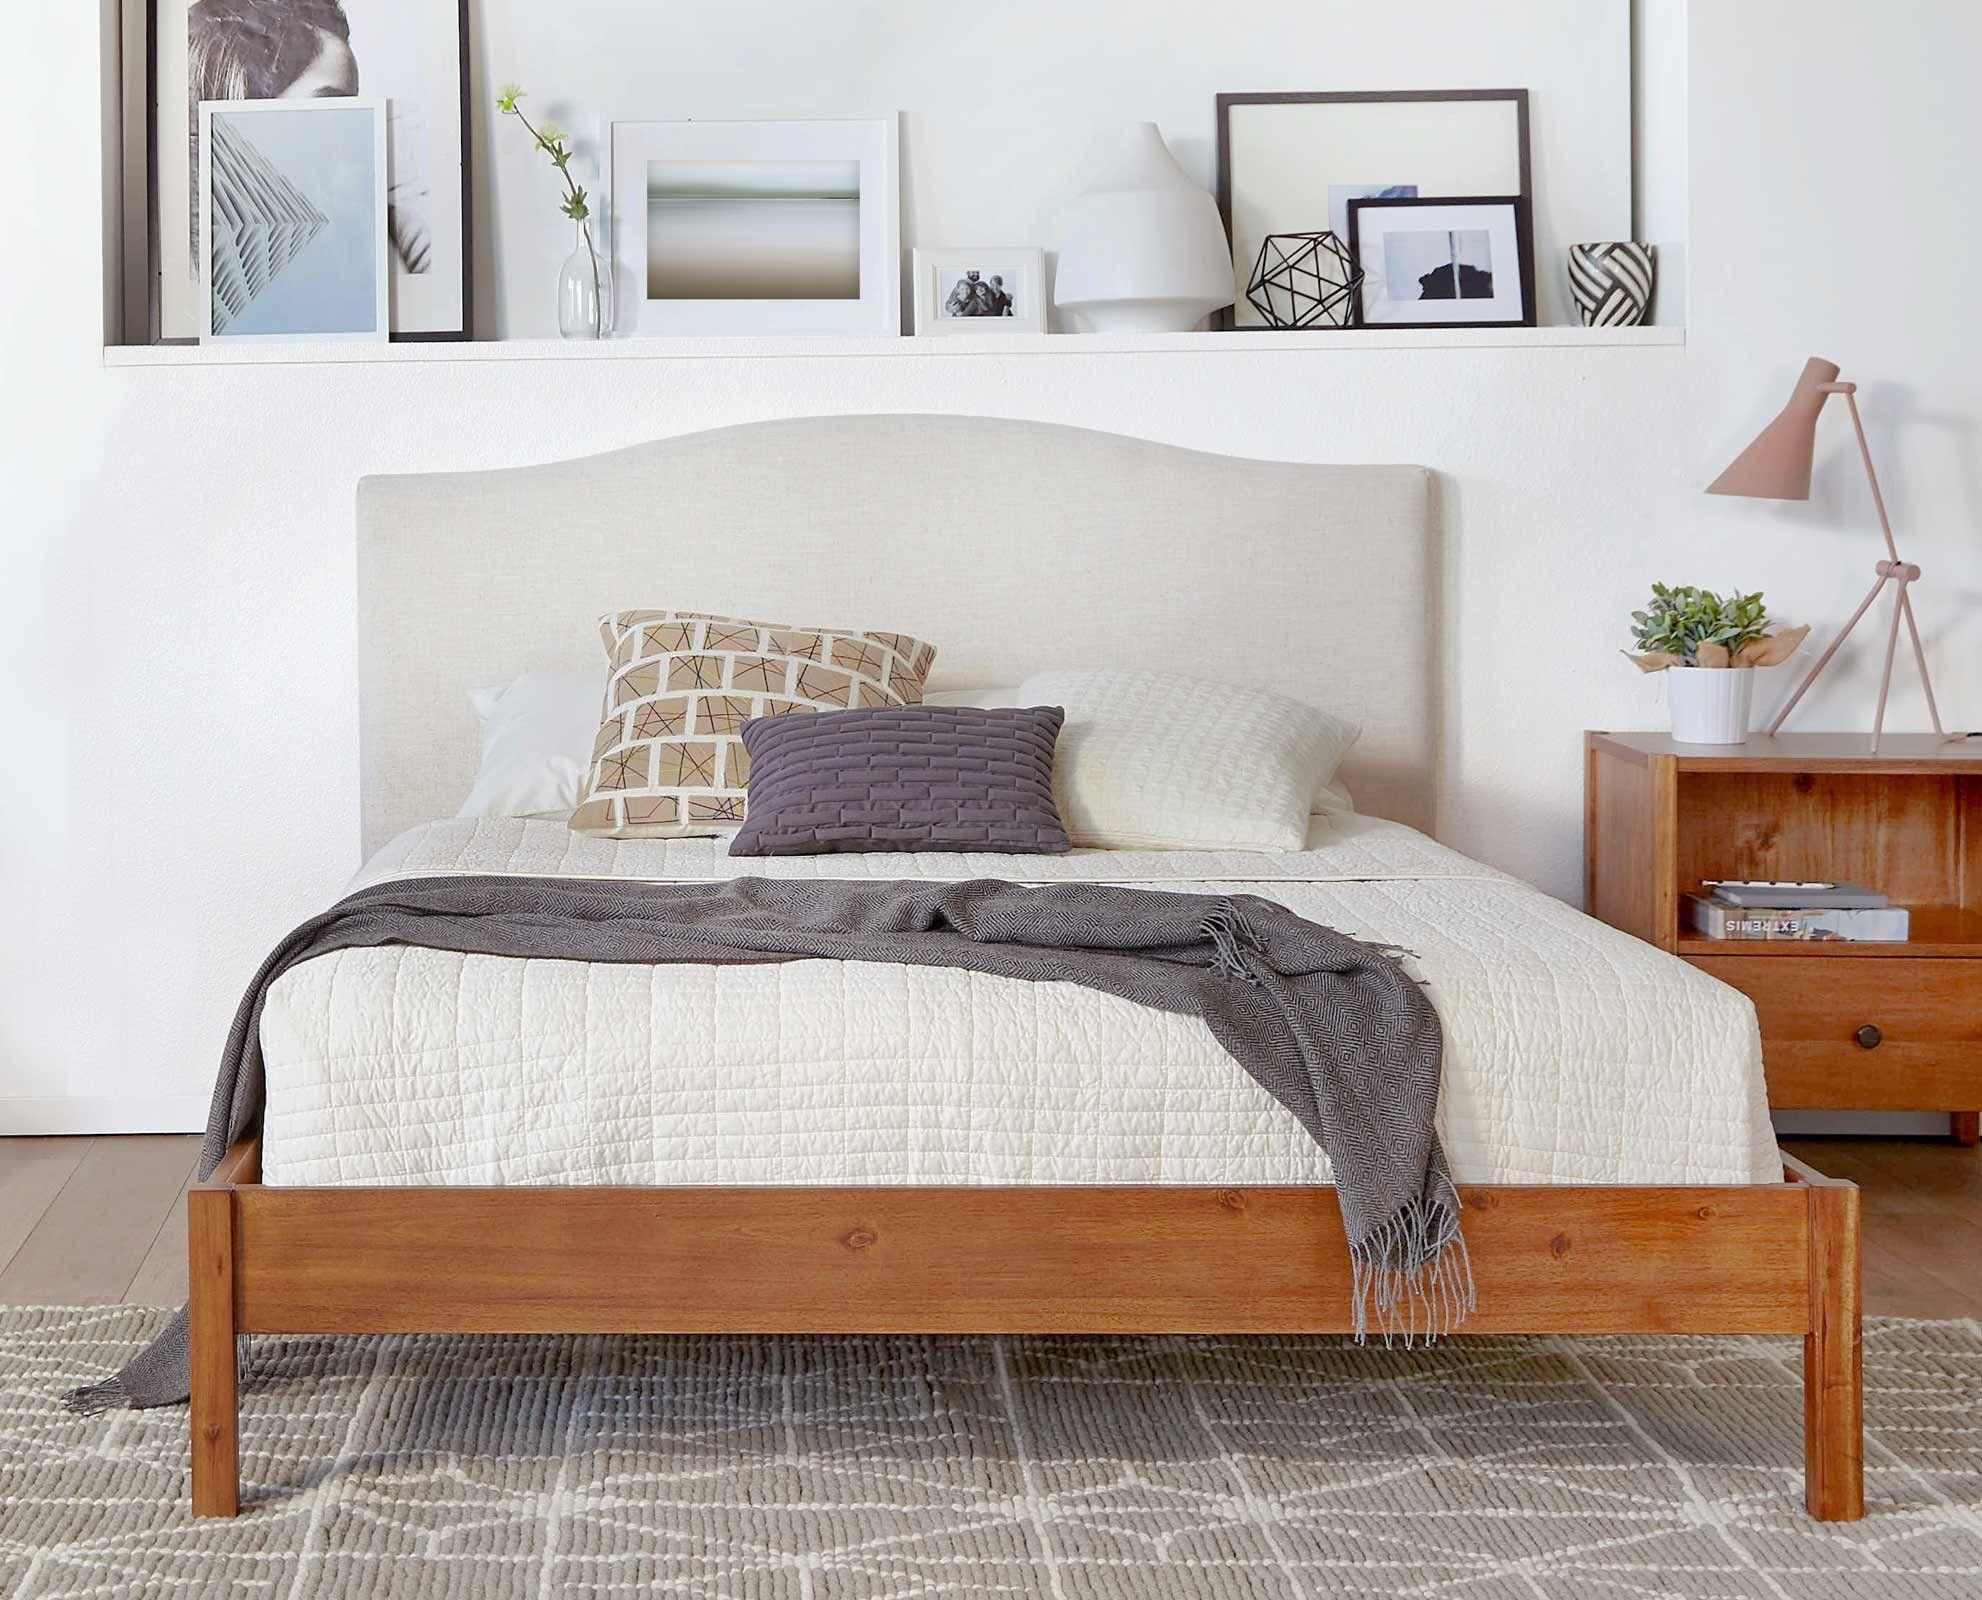 Petra bed